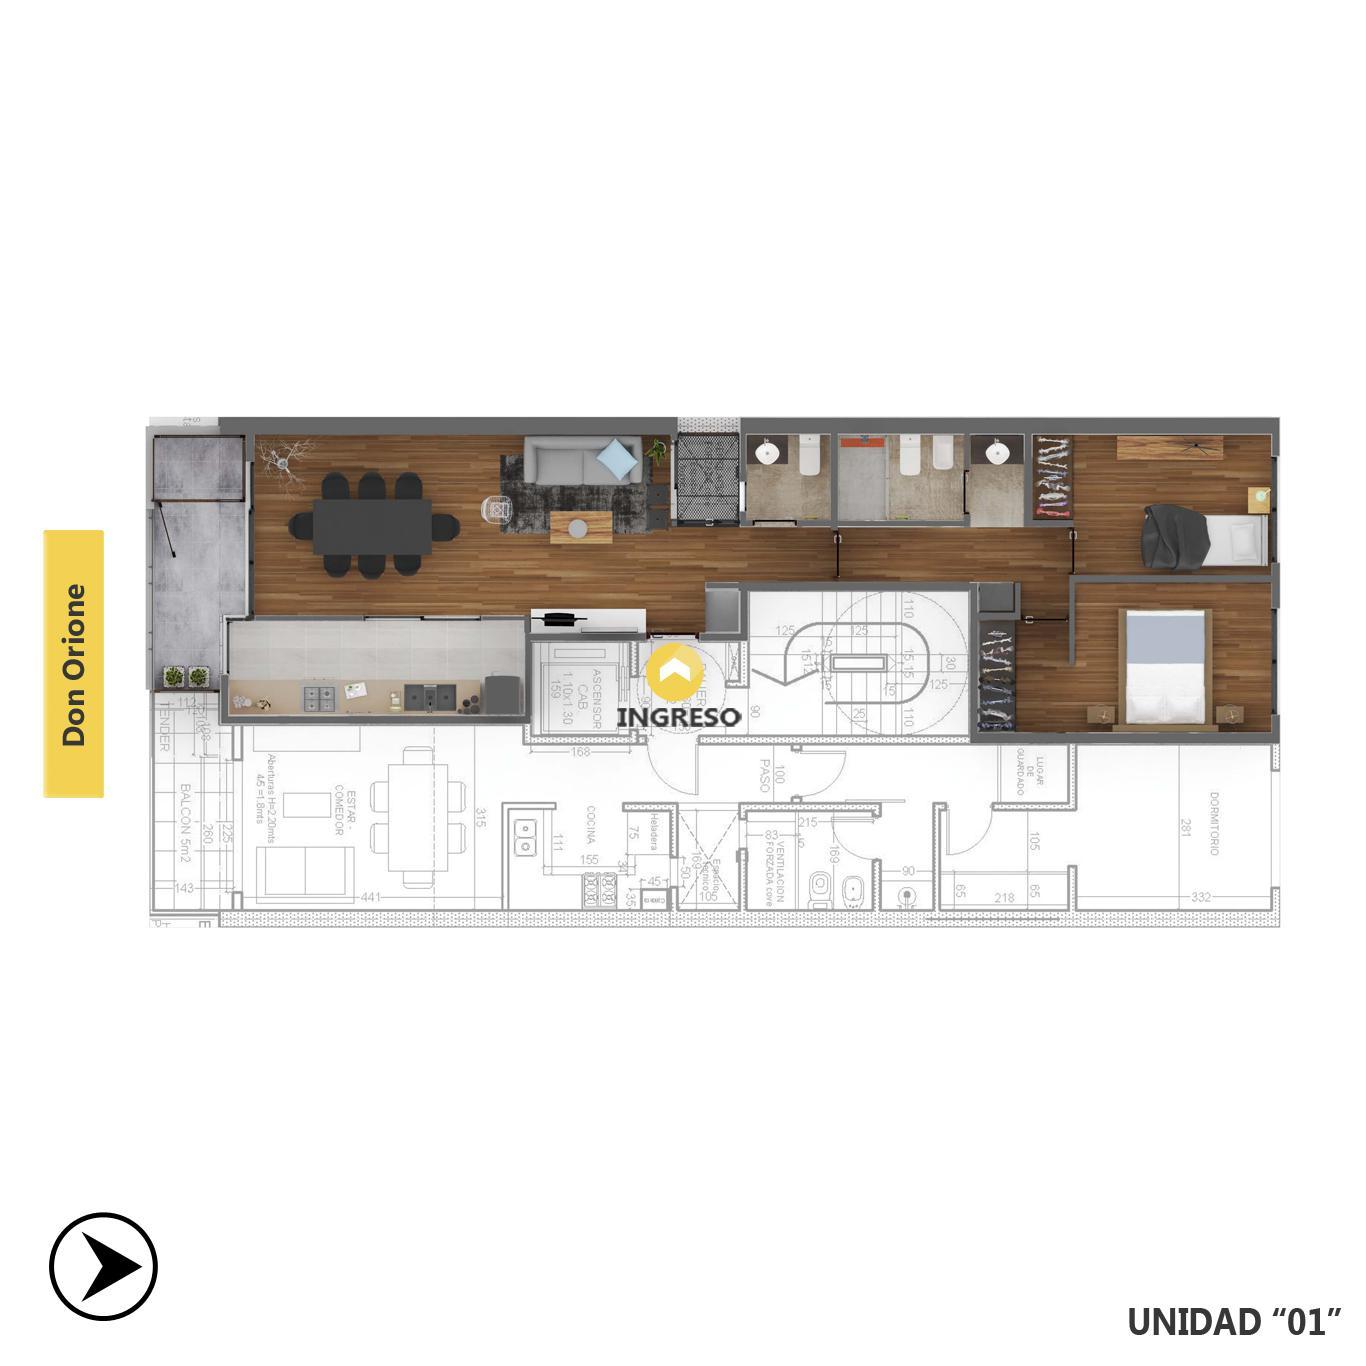 Venta departamento 2 dormitorios Rosario, Puerto Norte. Cod CBU23612 AP2219973. Crestale Propiedades